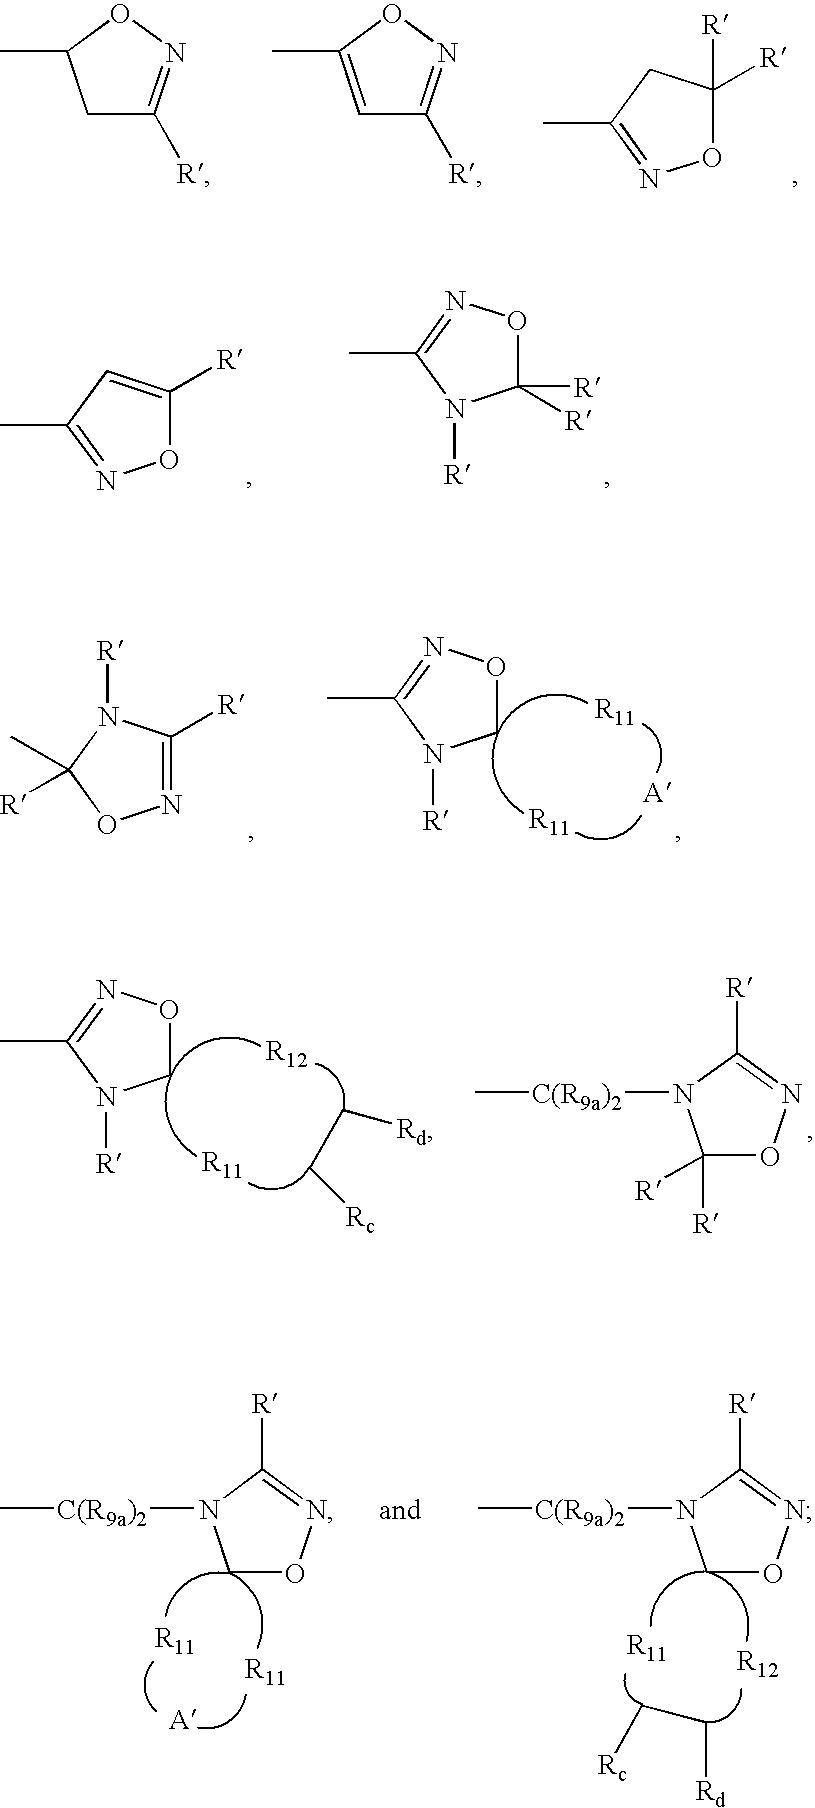 Figure US20070287725A1-20071213-C00193